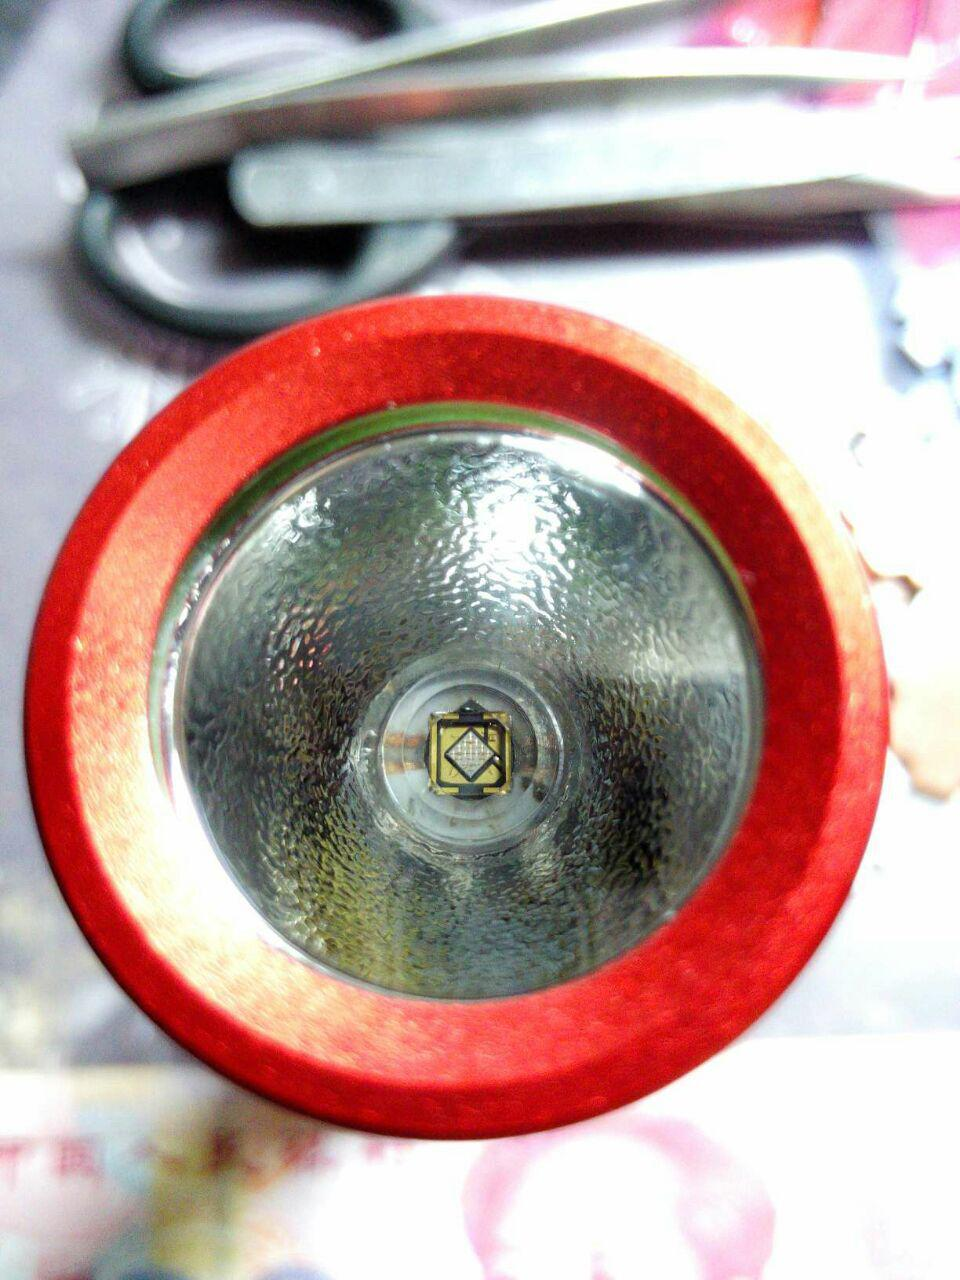 日亚紫外线手电筒,原装进口日亚5W紫光灯珠,大功率365nm灯珠